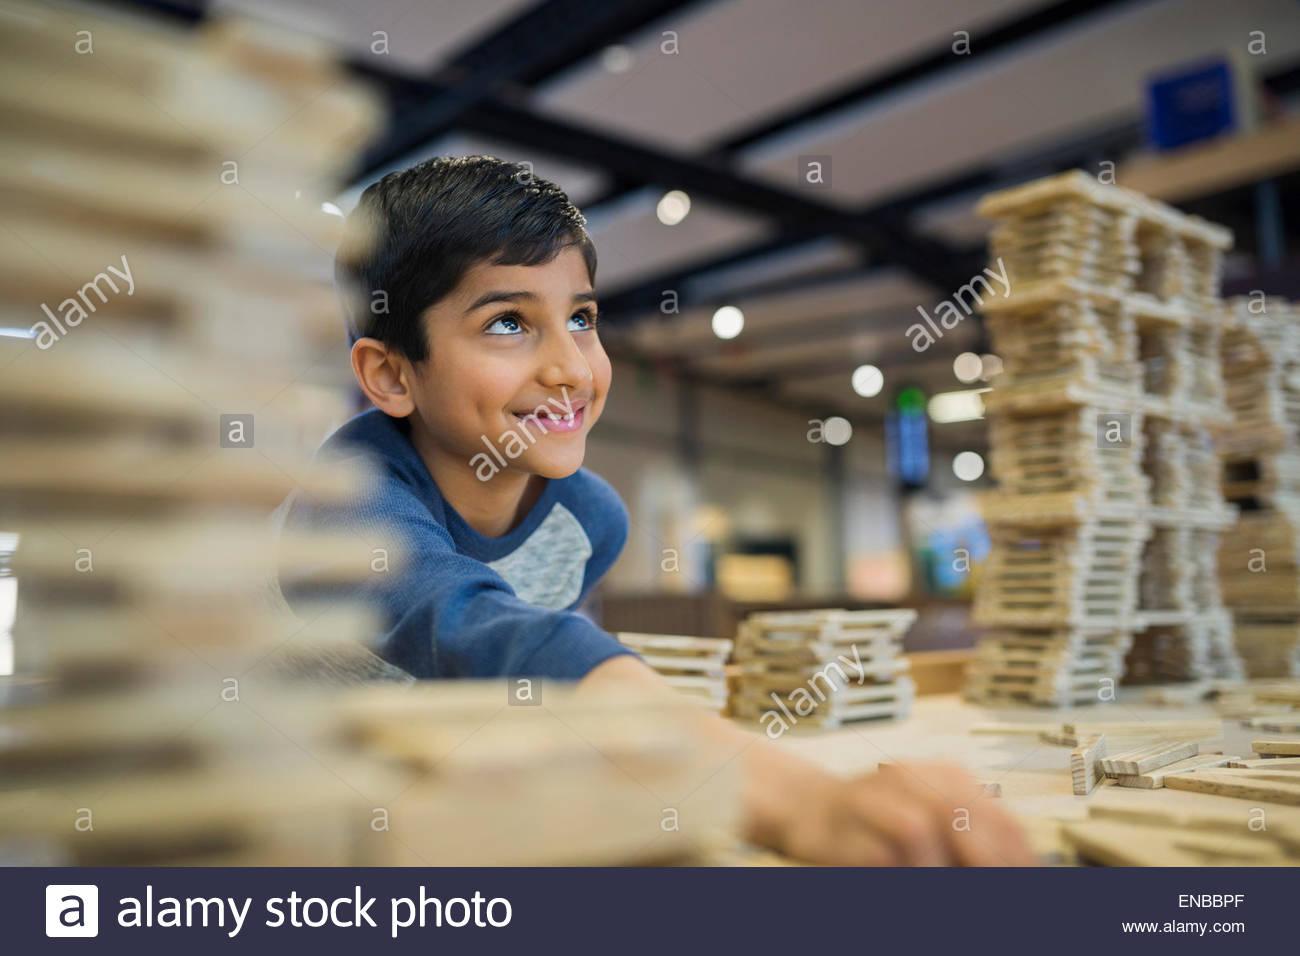 Junge, die Montage von Holz-Block-Struktur im Science center Stockbild